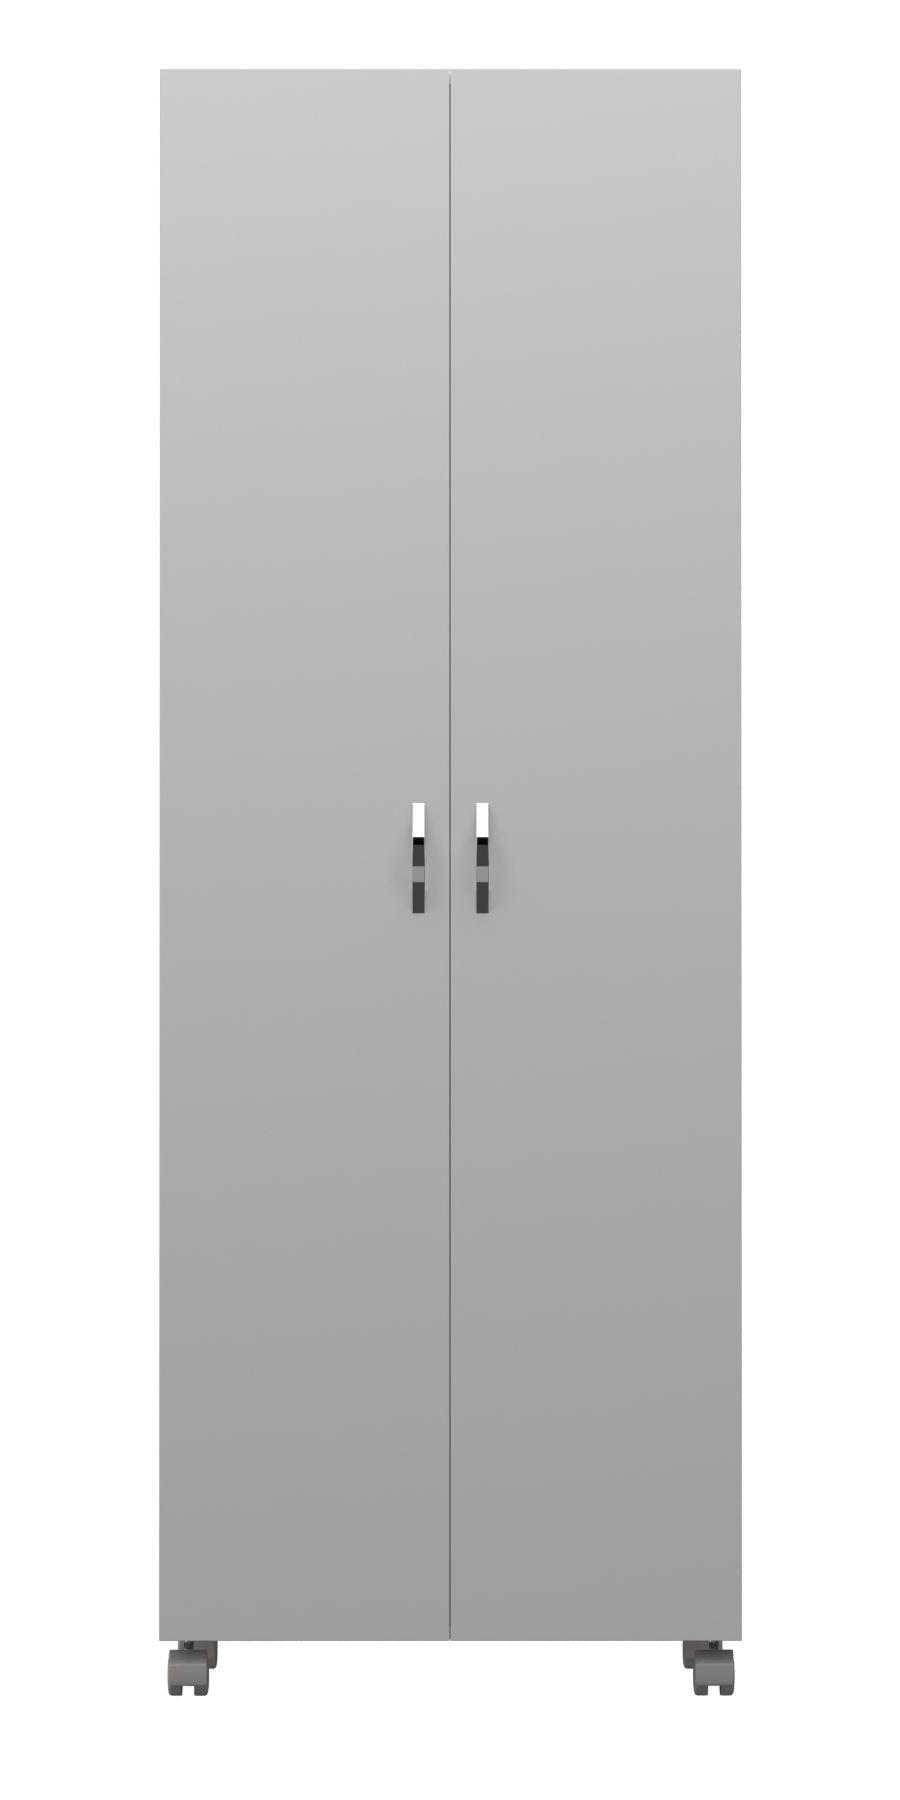 Armário Multiuso em MDF para Área de Serviço 2 Portas com Rodízio   - Loja de Móveis e Artigos para Decoração   TudoParaDecorar.com.br